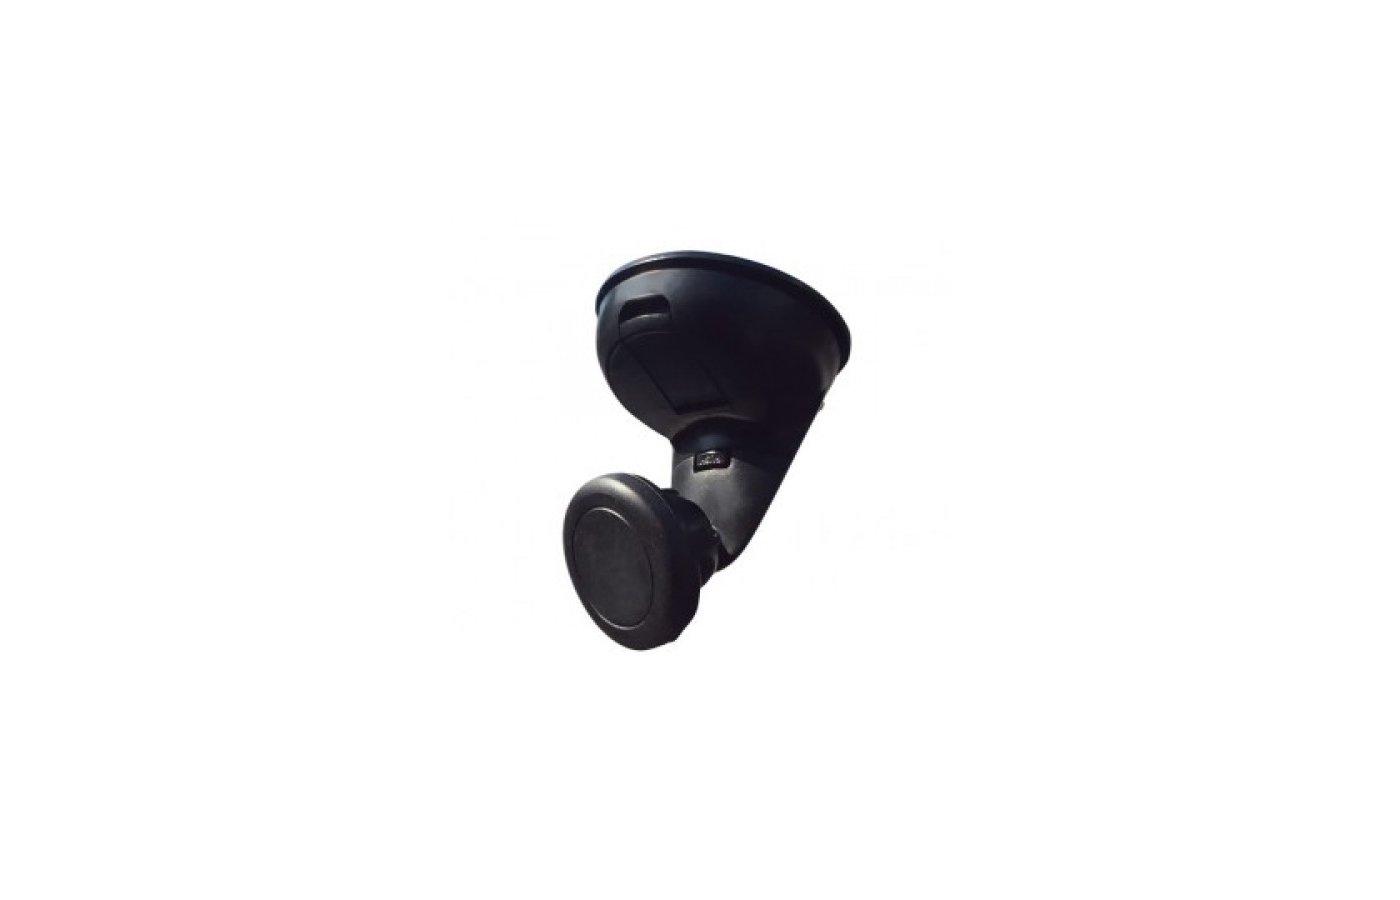 Держатель для телефона Stocker-01(0)141015